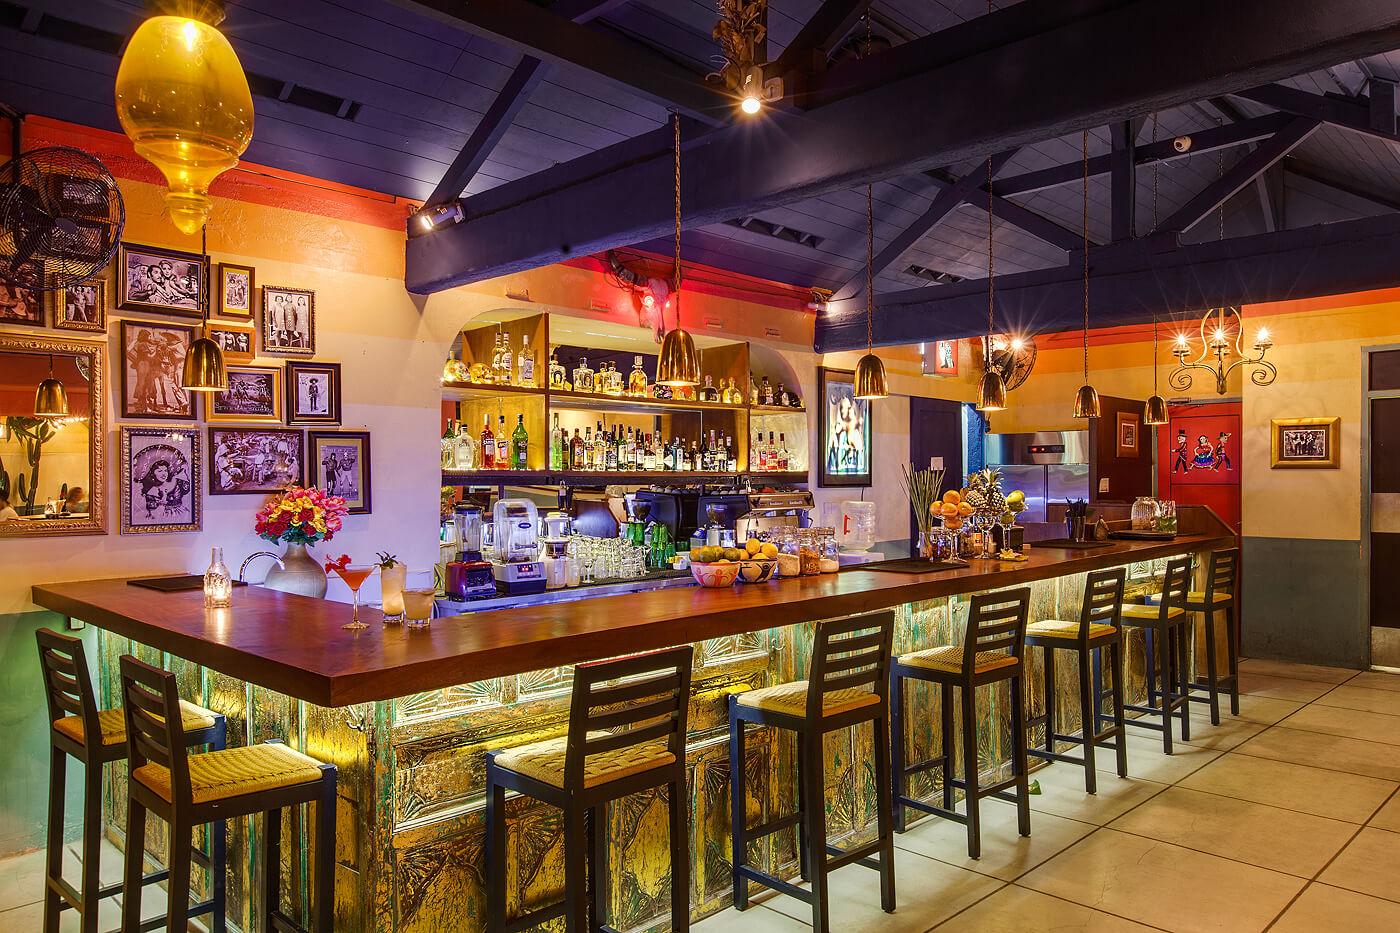 Lacalaca Cantina Mexicana Seminyak, Suasana Restoran Khas Meksiko di Pusat Keramaian Bali